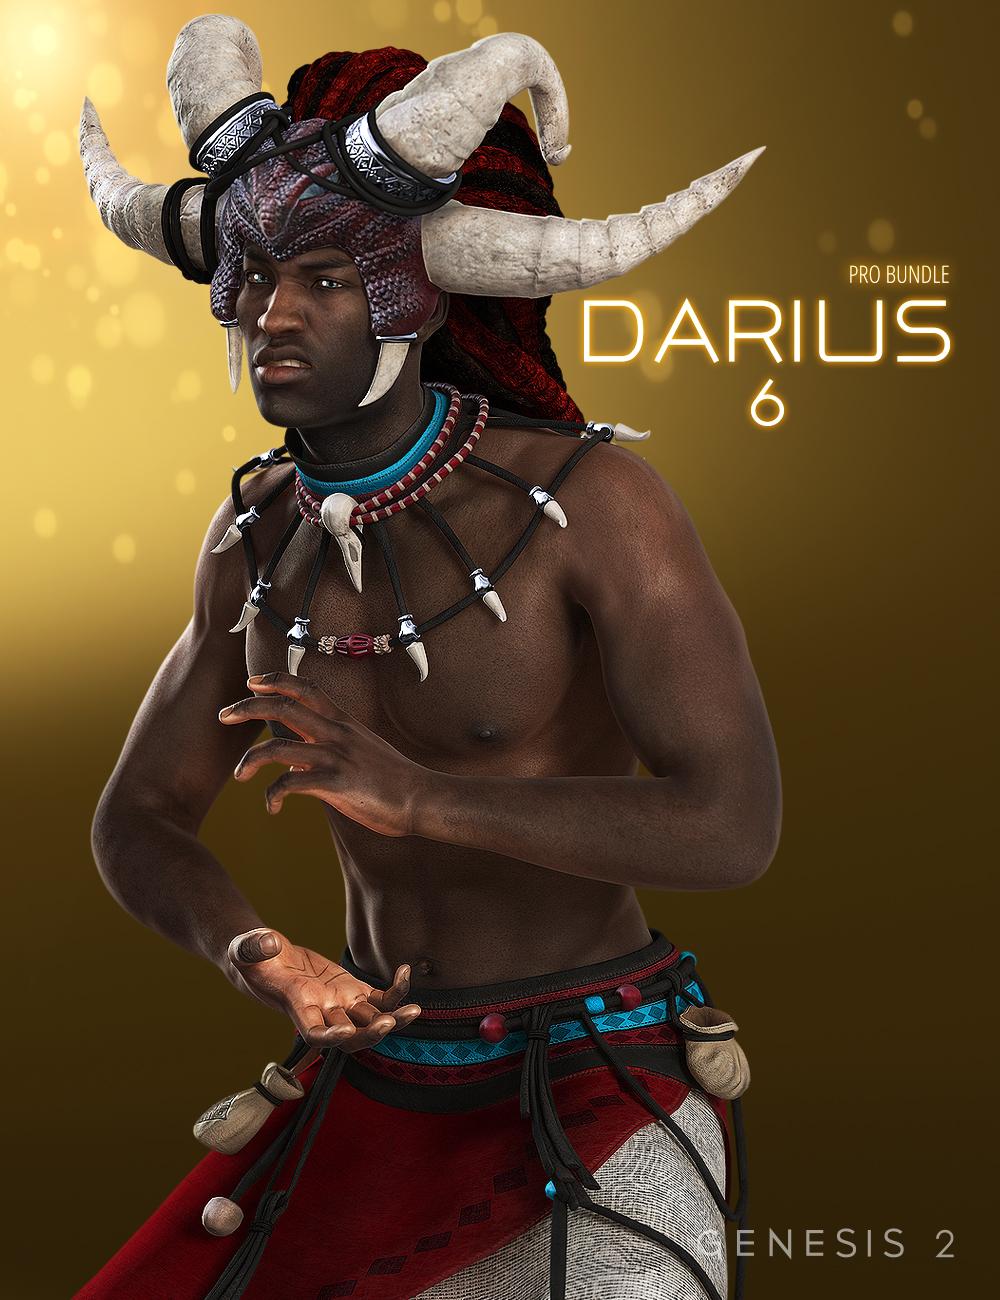 Darius 6 Pro Bundle by: , 3D Models by Daz 3D